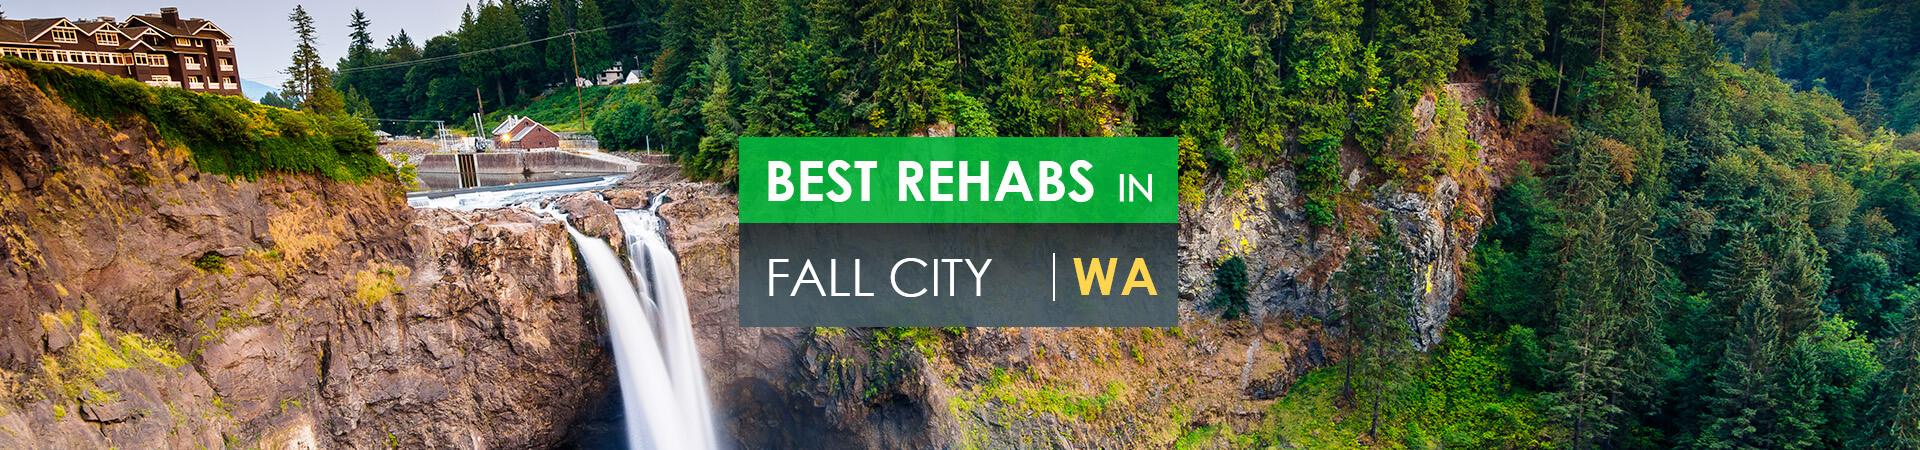 Best rehabs in Fall City, WA